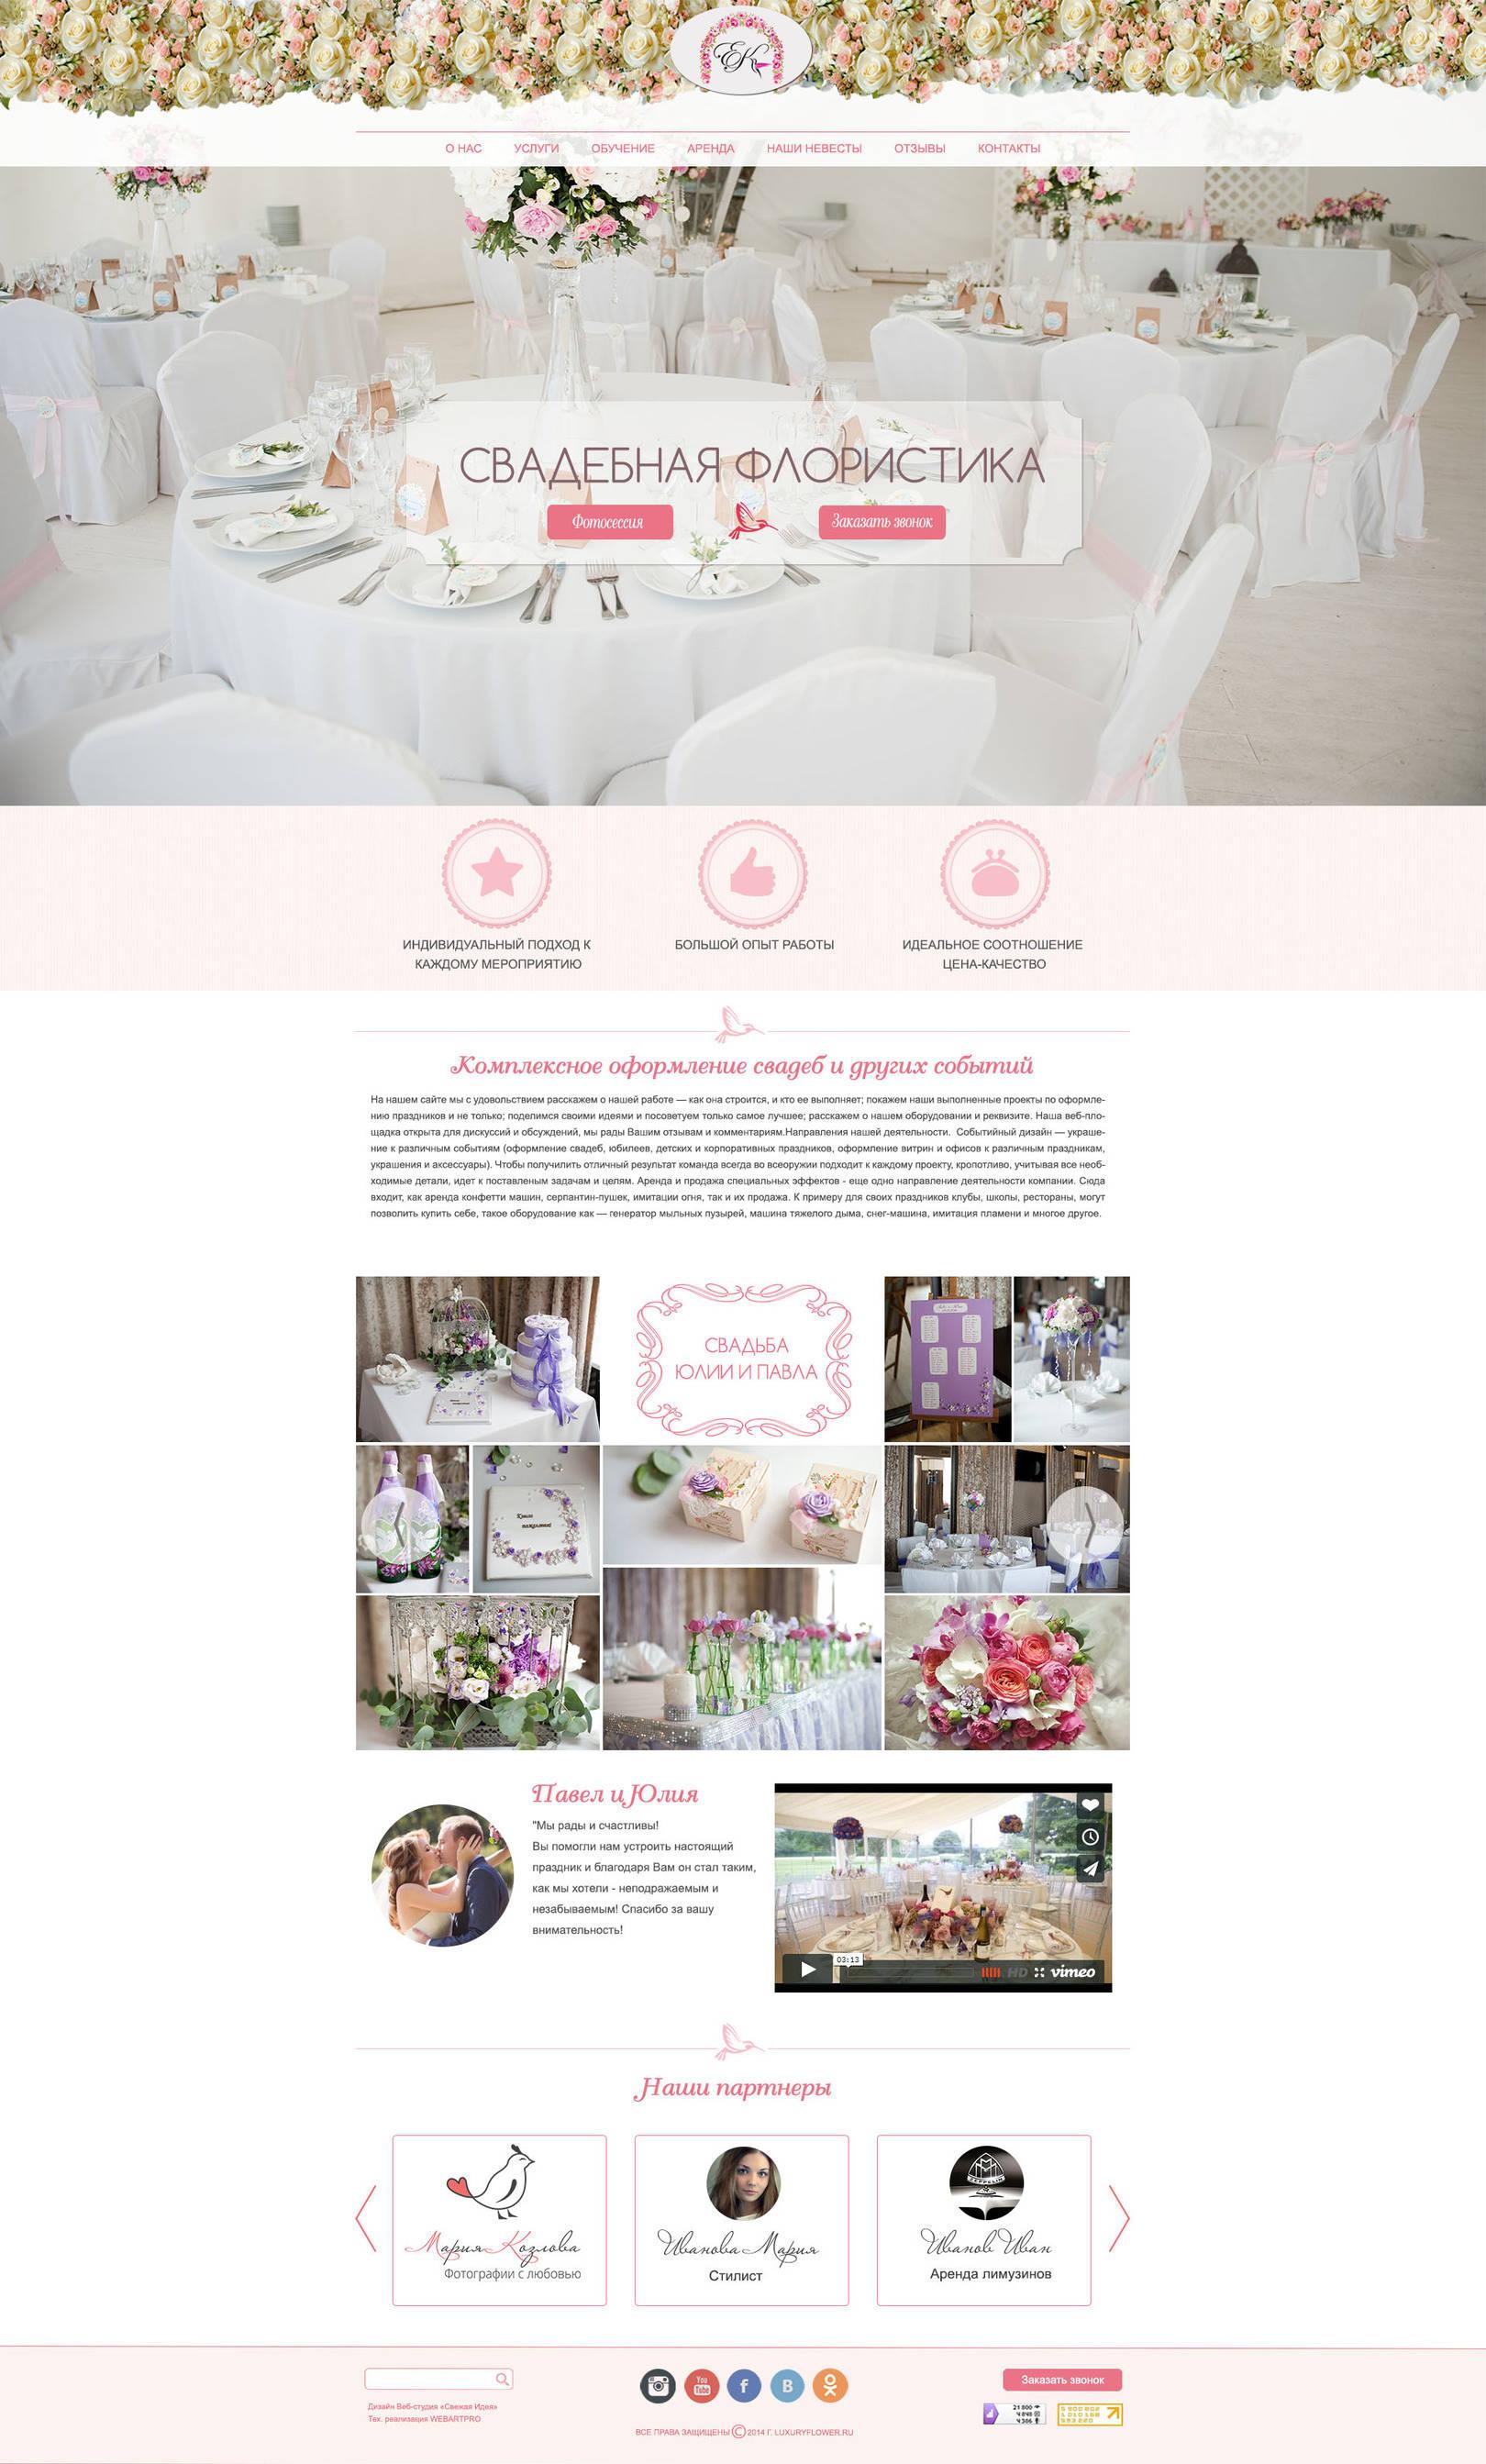 Сайт флориста